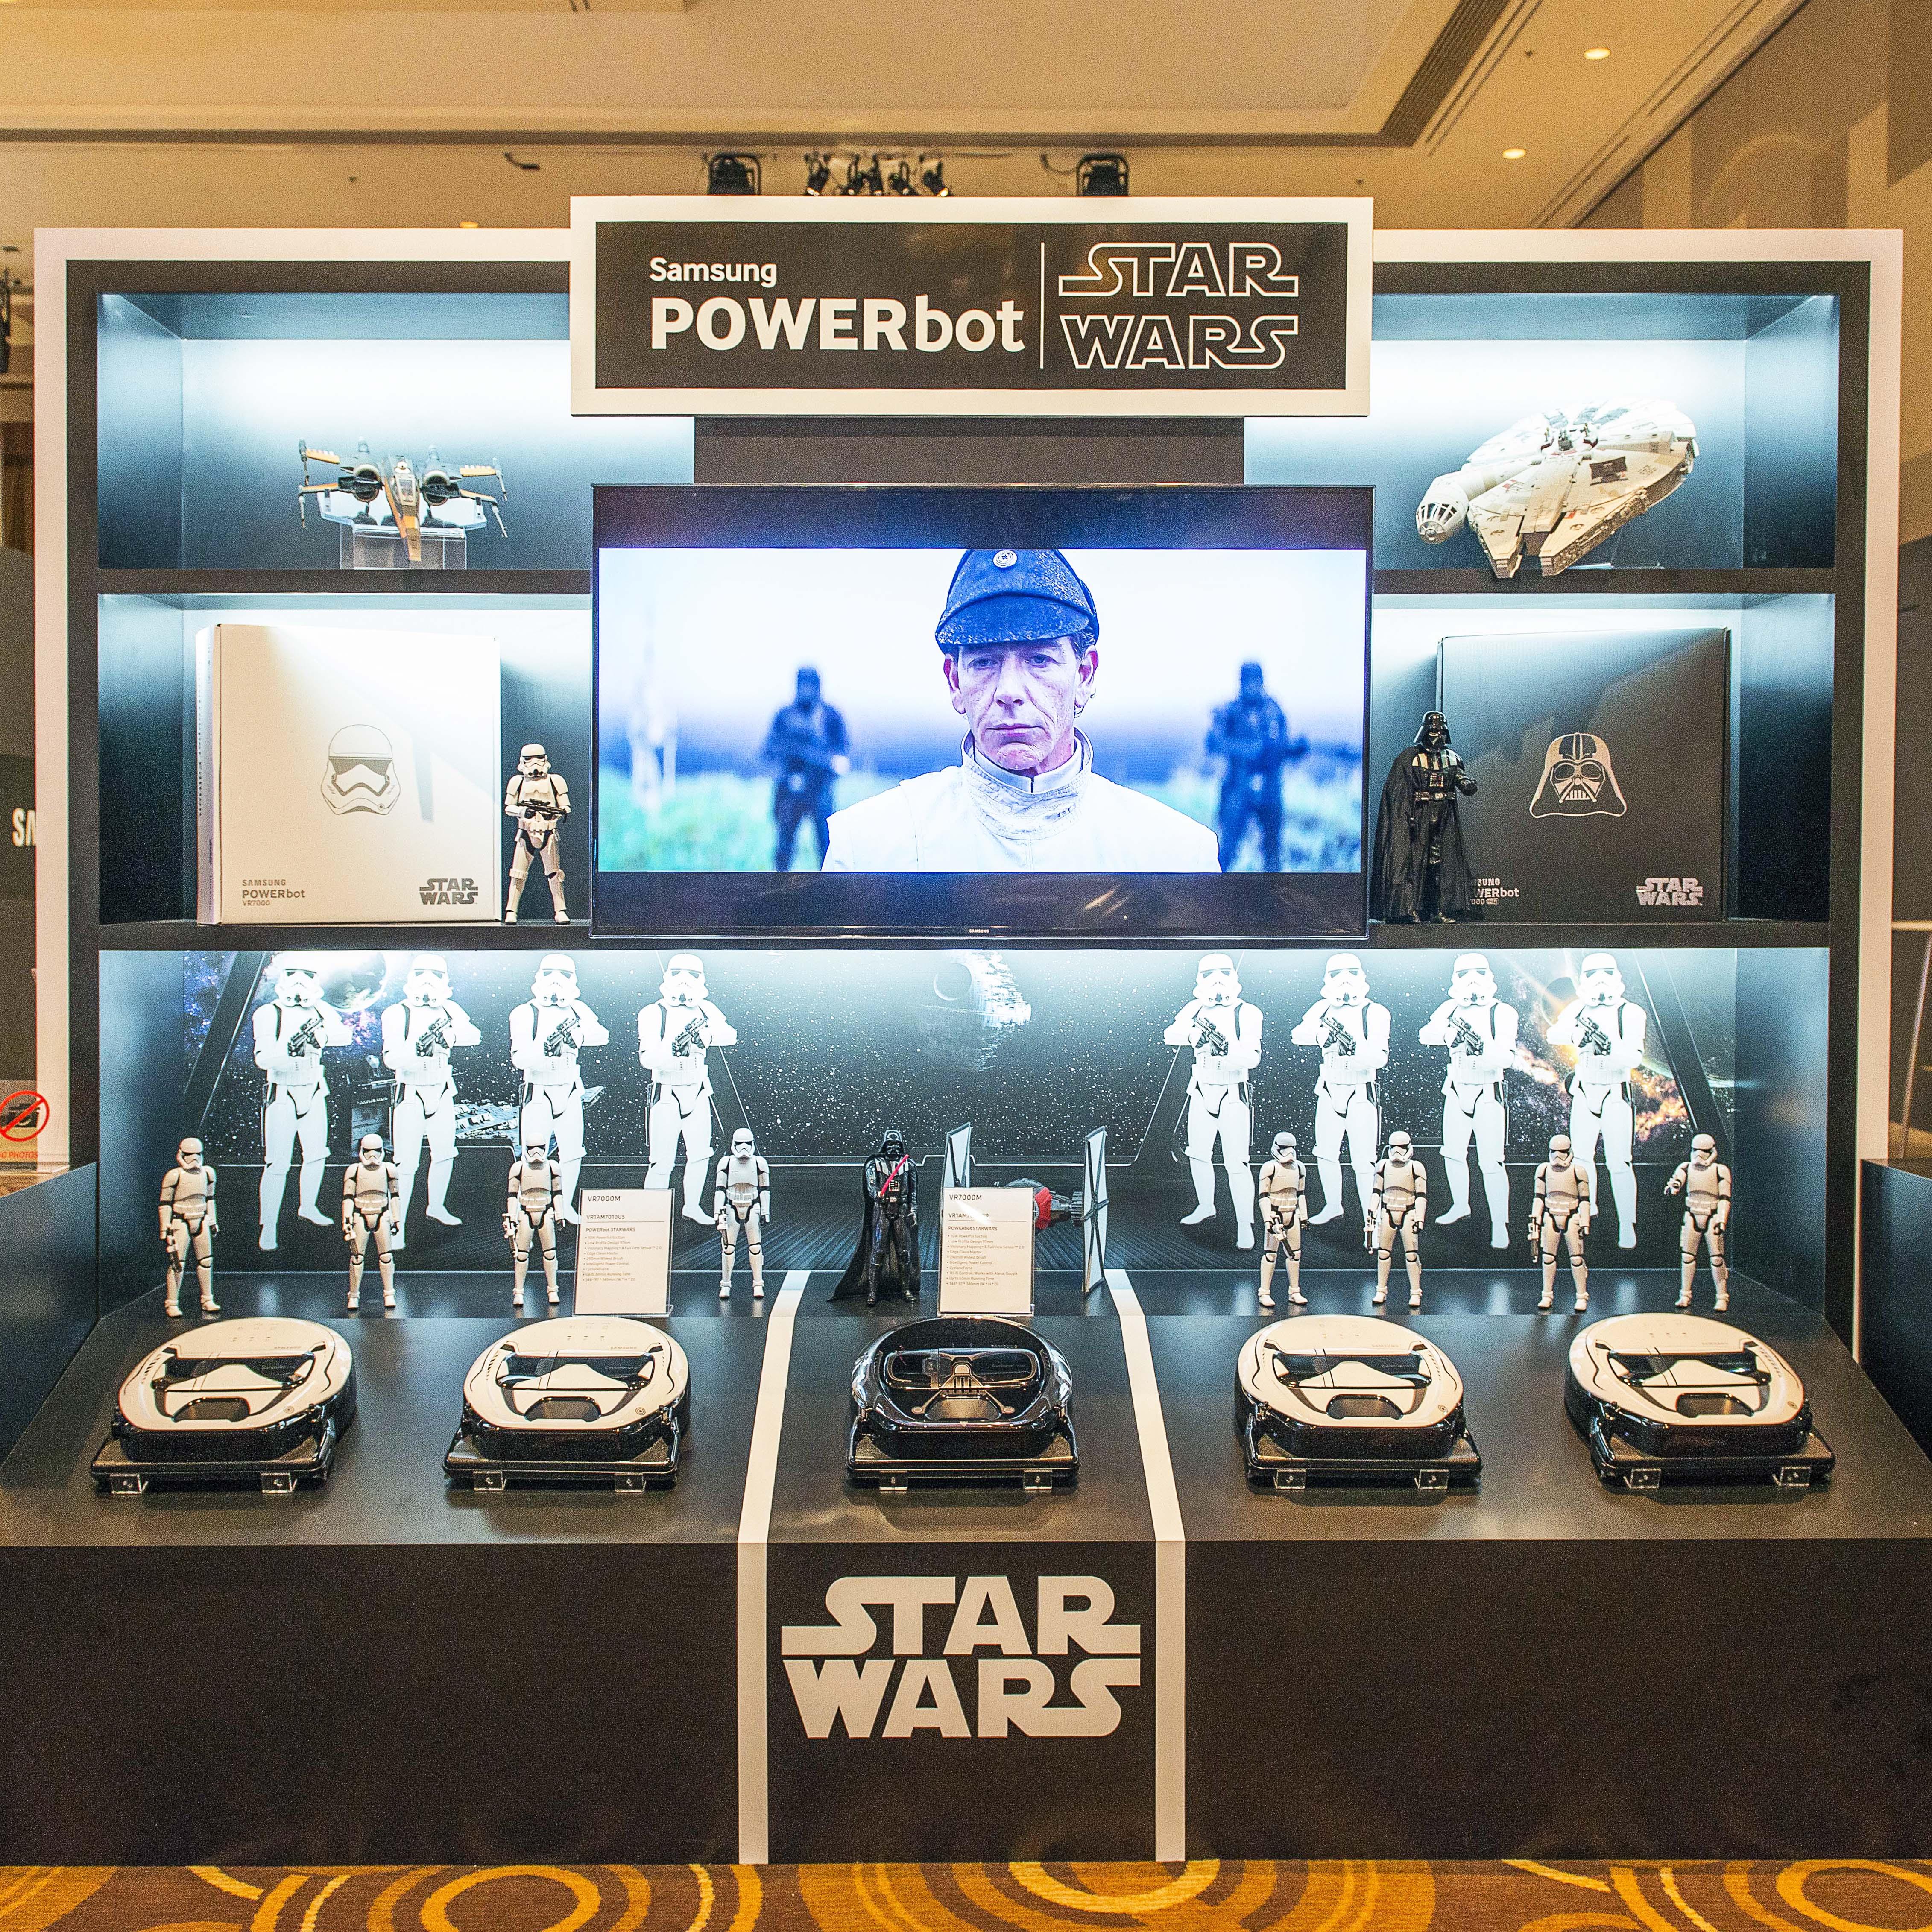 CES 현장에 전시된 파워봇 스타워즈 에디션